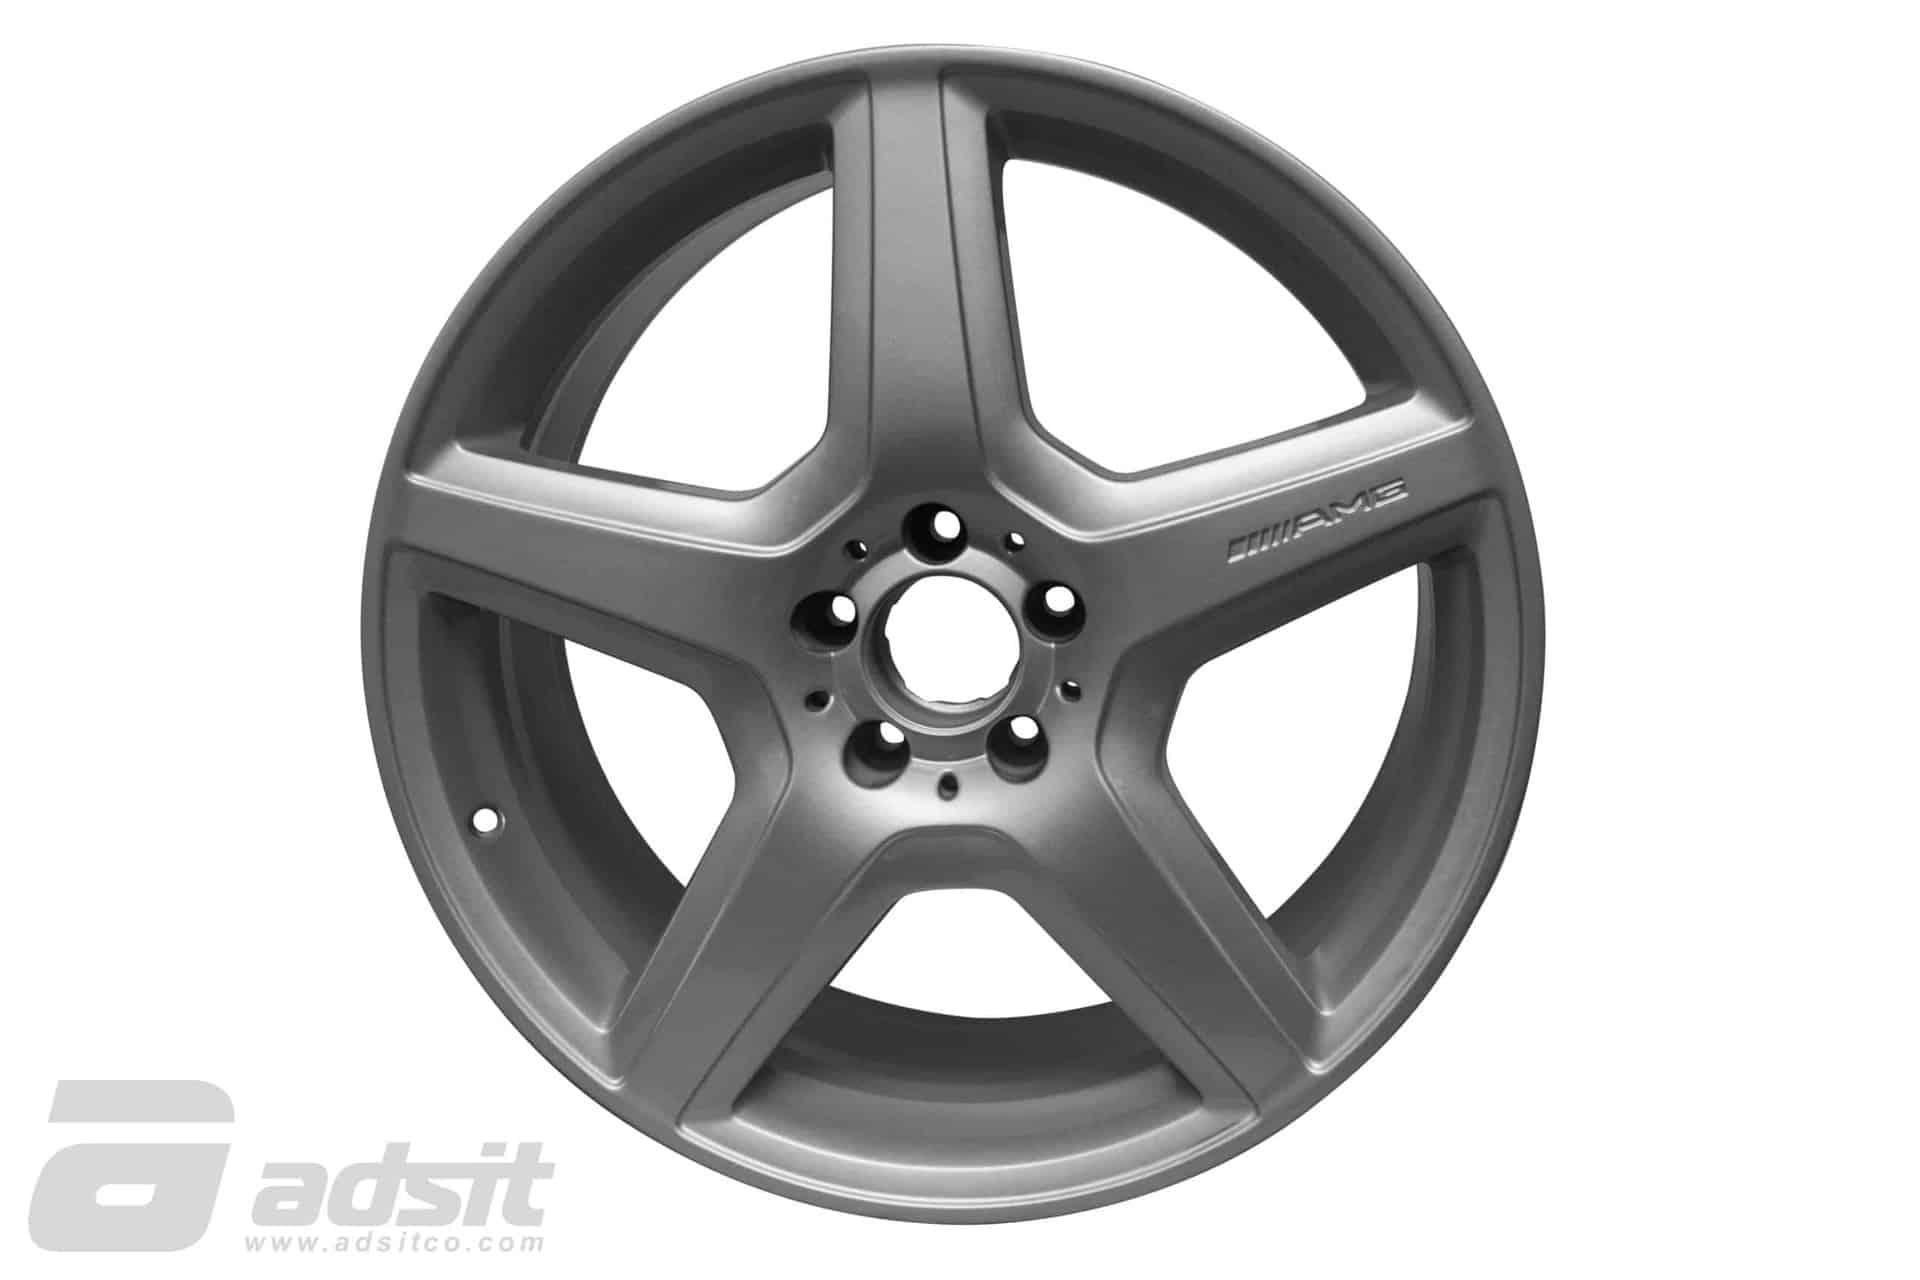 5 spoke mercedes wheels